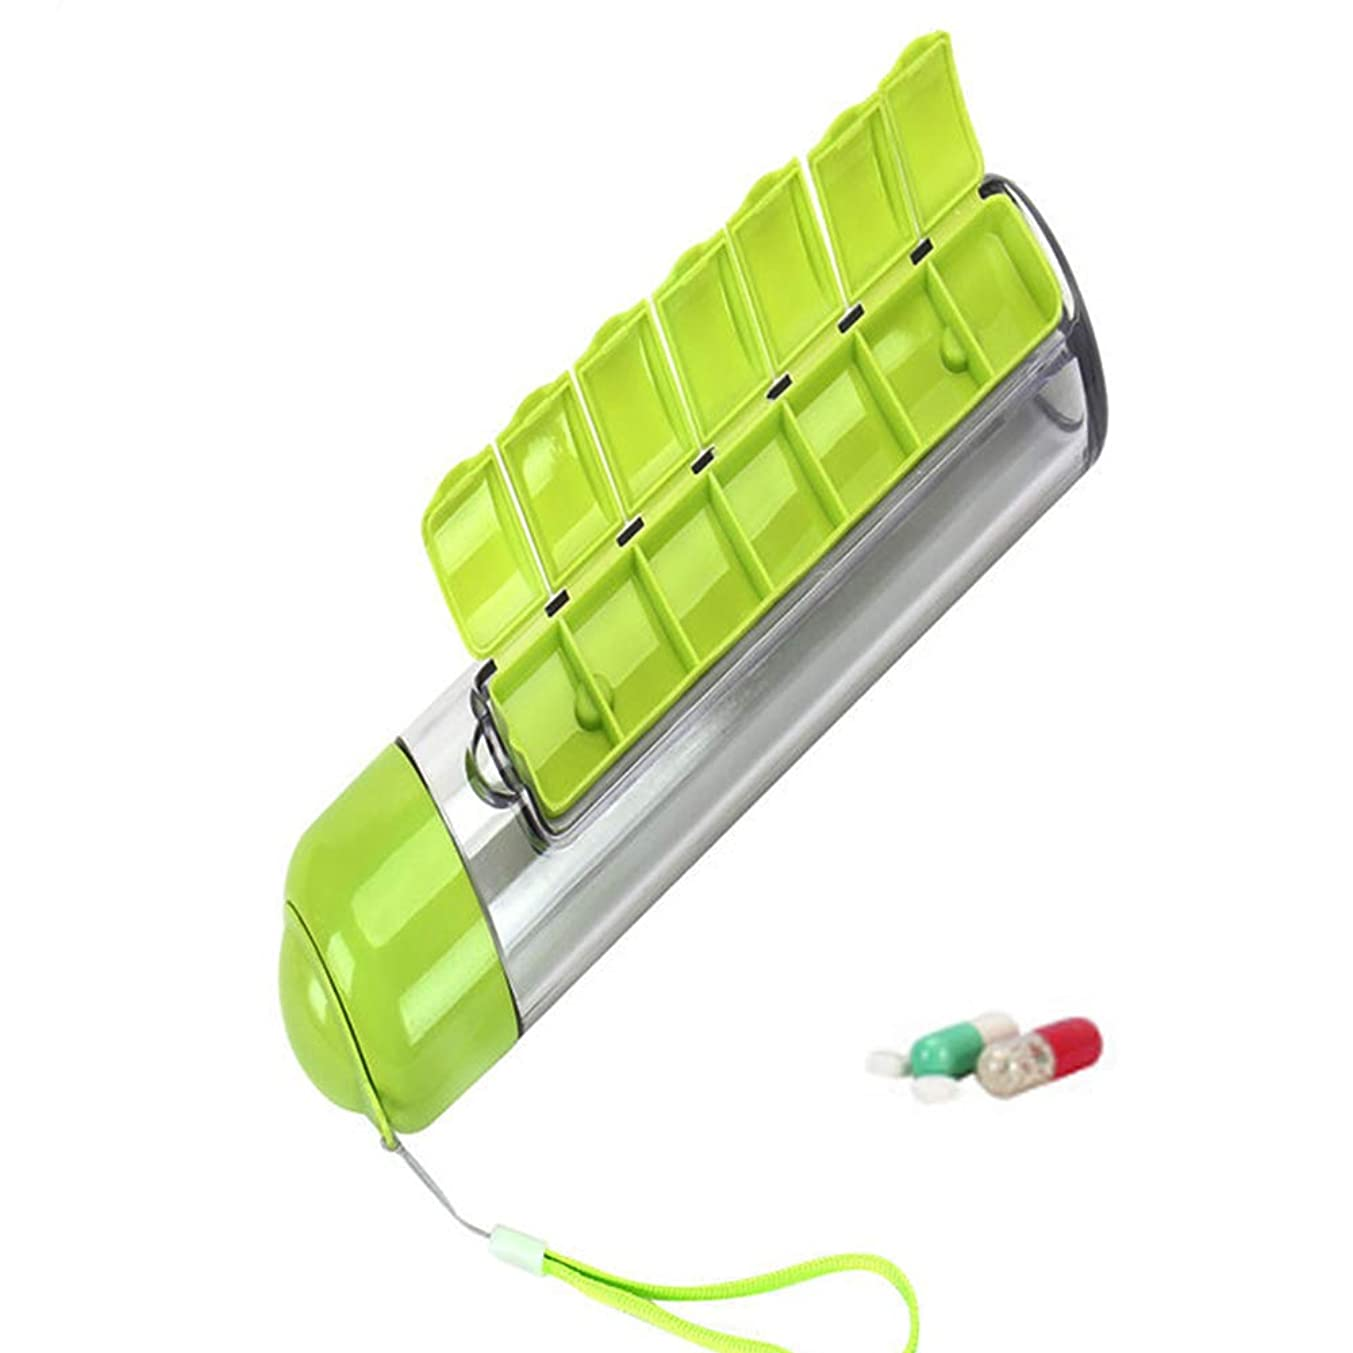 追跡焦がす影響ピルケース 薬ケース付き 水ボトル カップ ポータブルピルボックス 取り外し可能,Green